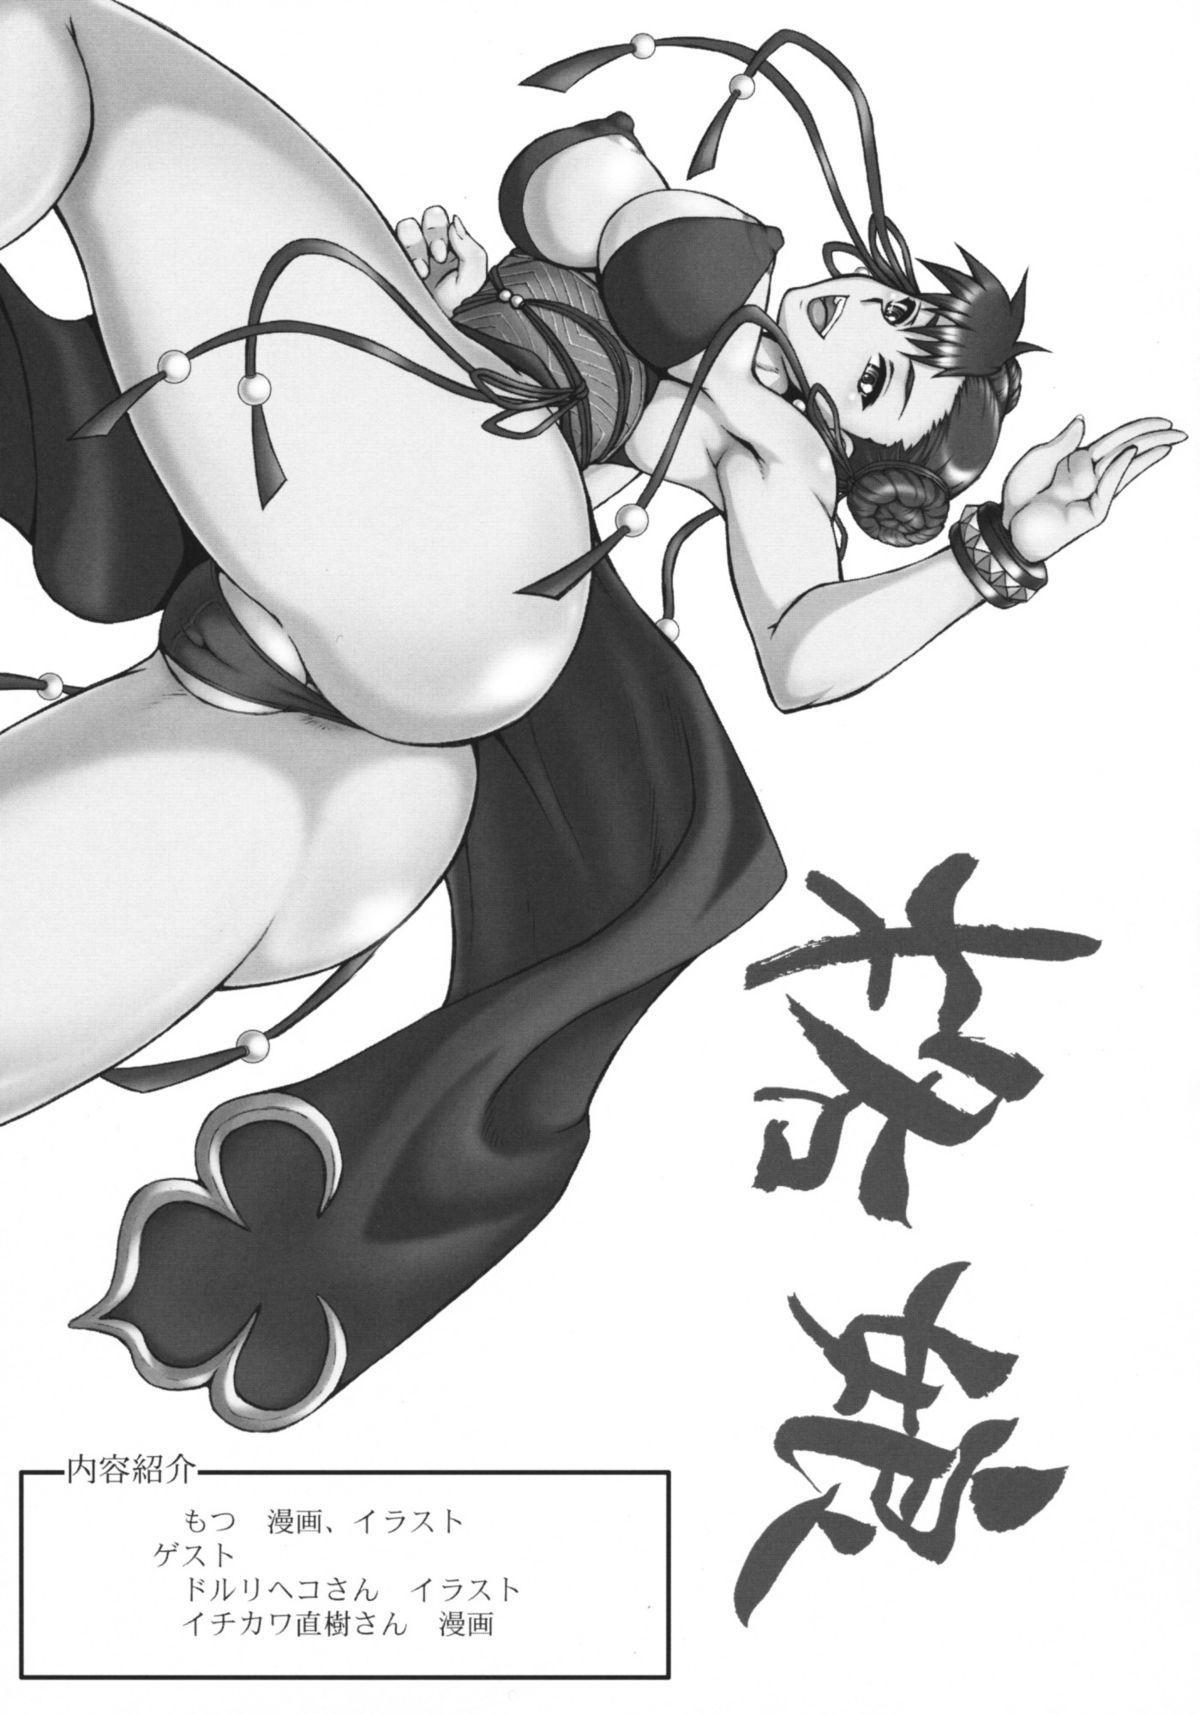 Kaku Musume 11 2